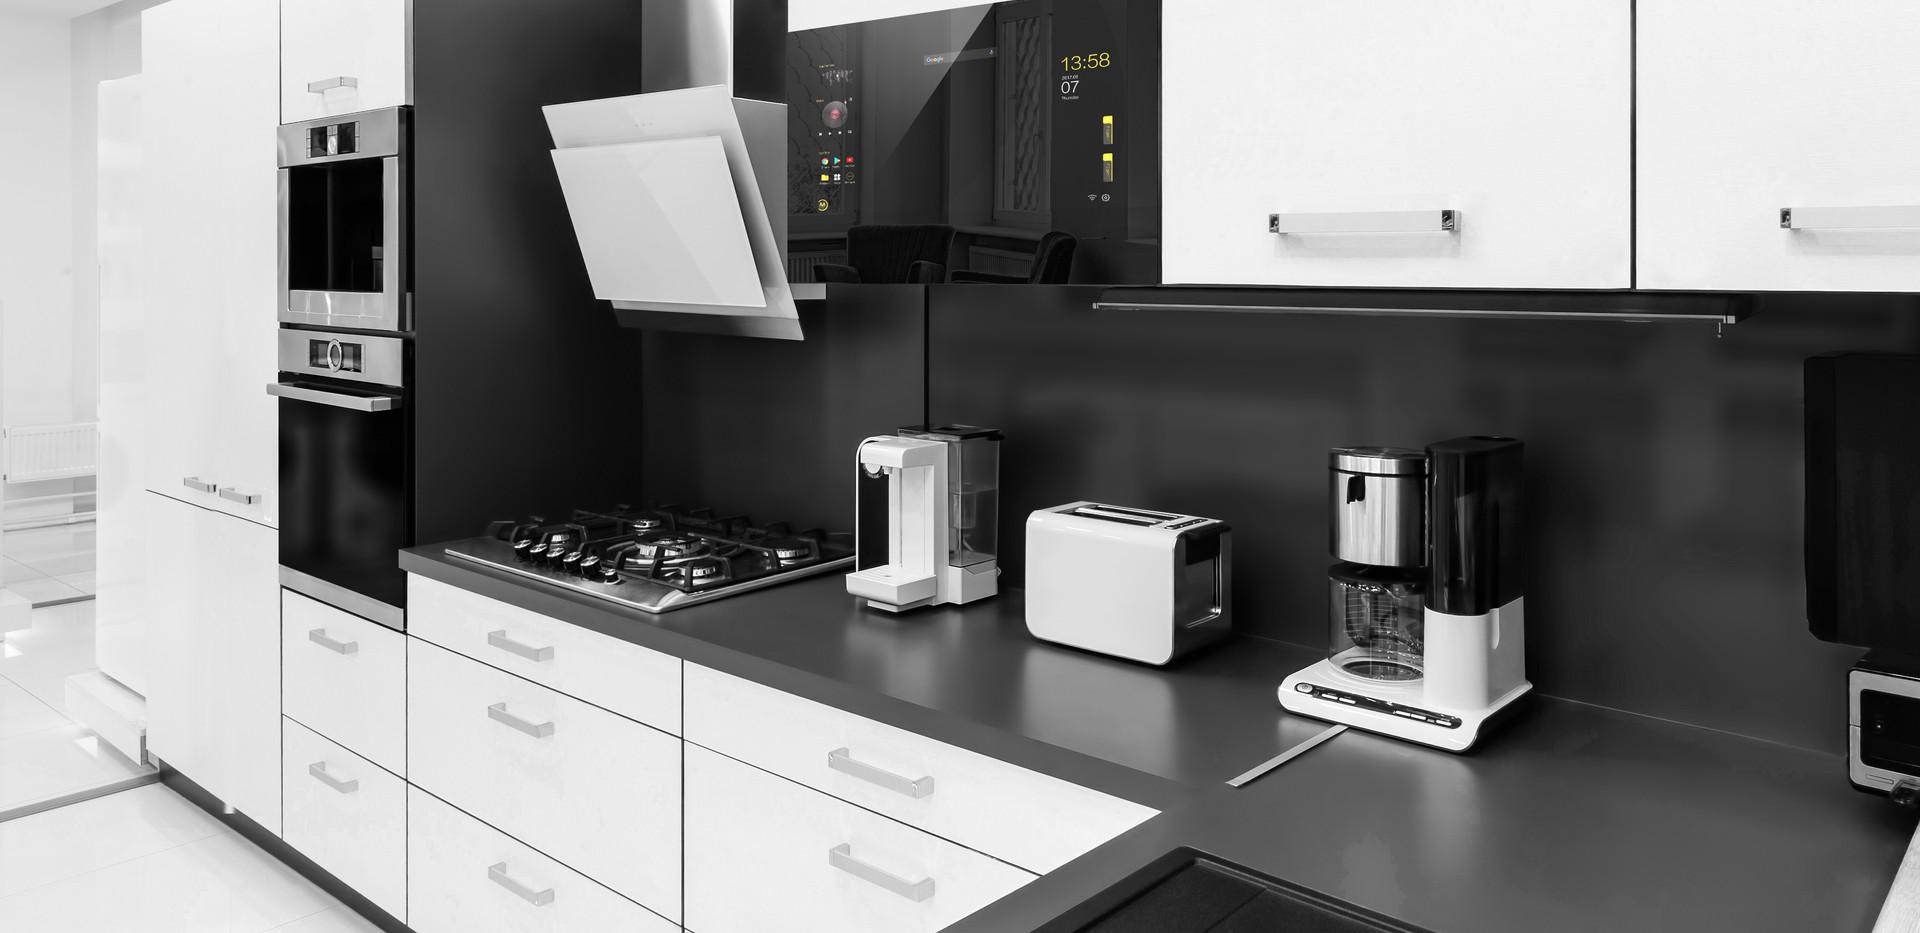 mues-tec_kitchensmart_küchensmart_300_1